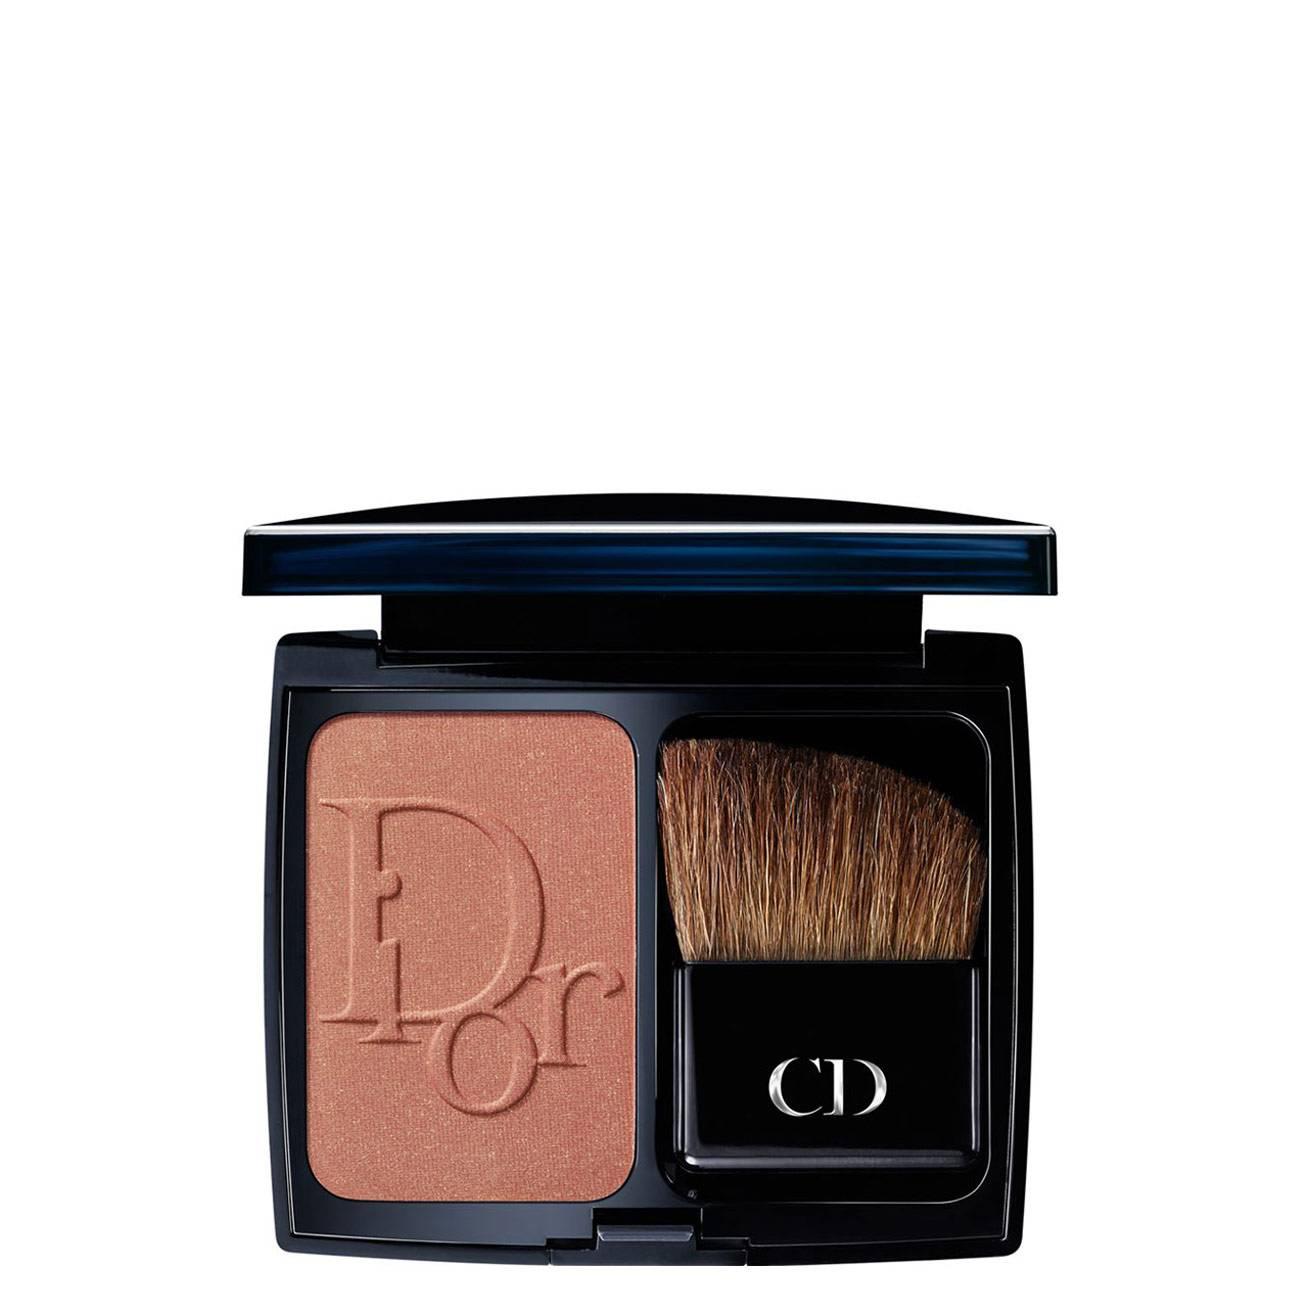 Diorblush 849 7 Grame Dior imagine 2021 bestvalue.eu